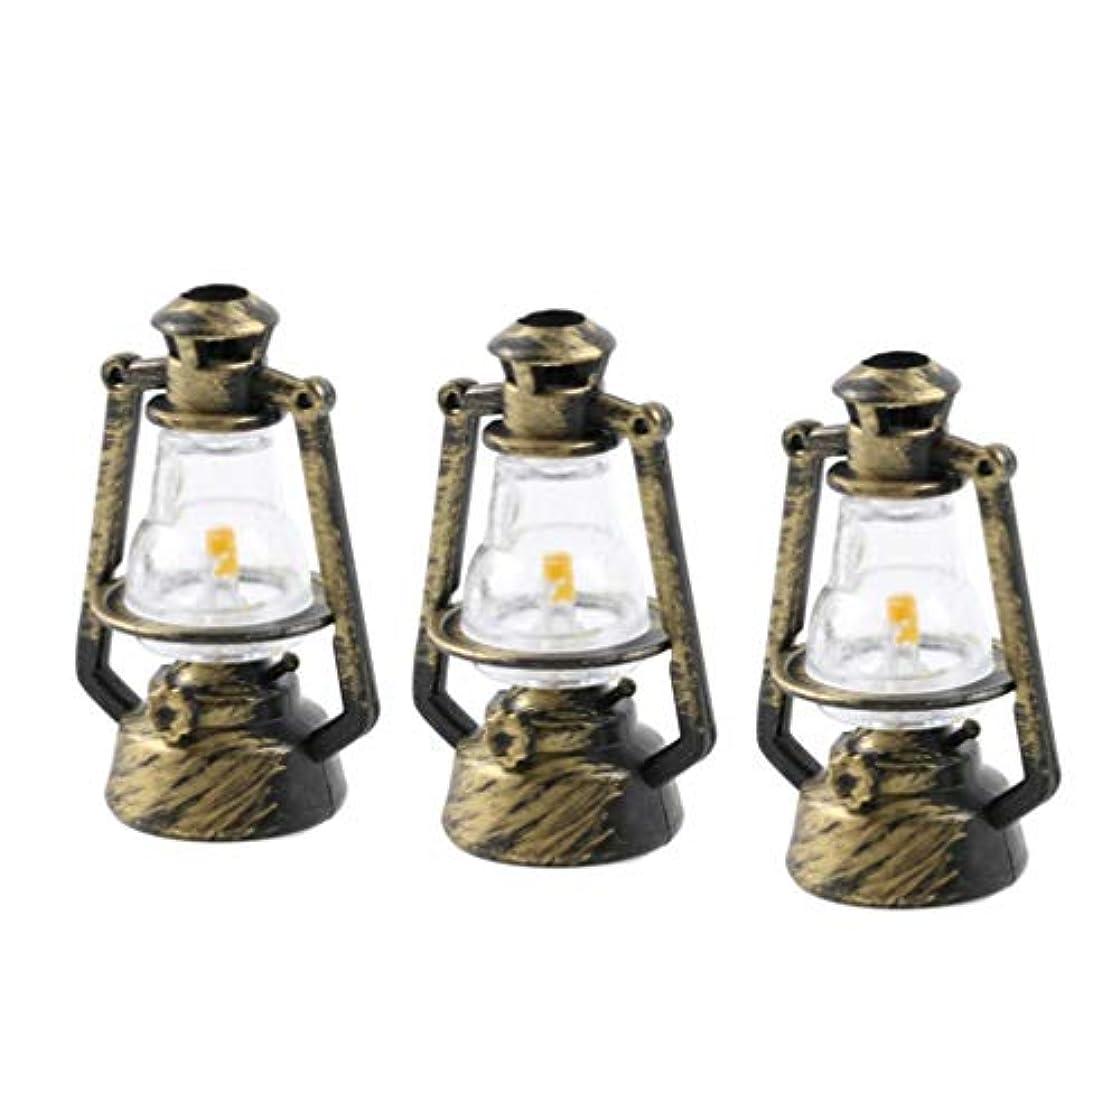 嬉しいです空白地元HEALLILY ミニレトロ灯油ランプ飾り1:12ドールハウスミニチュア家具ドールハウス装飾アクセサリー風景装飾6ピース